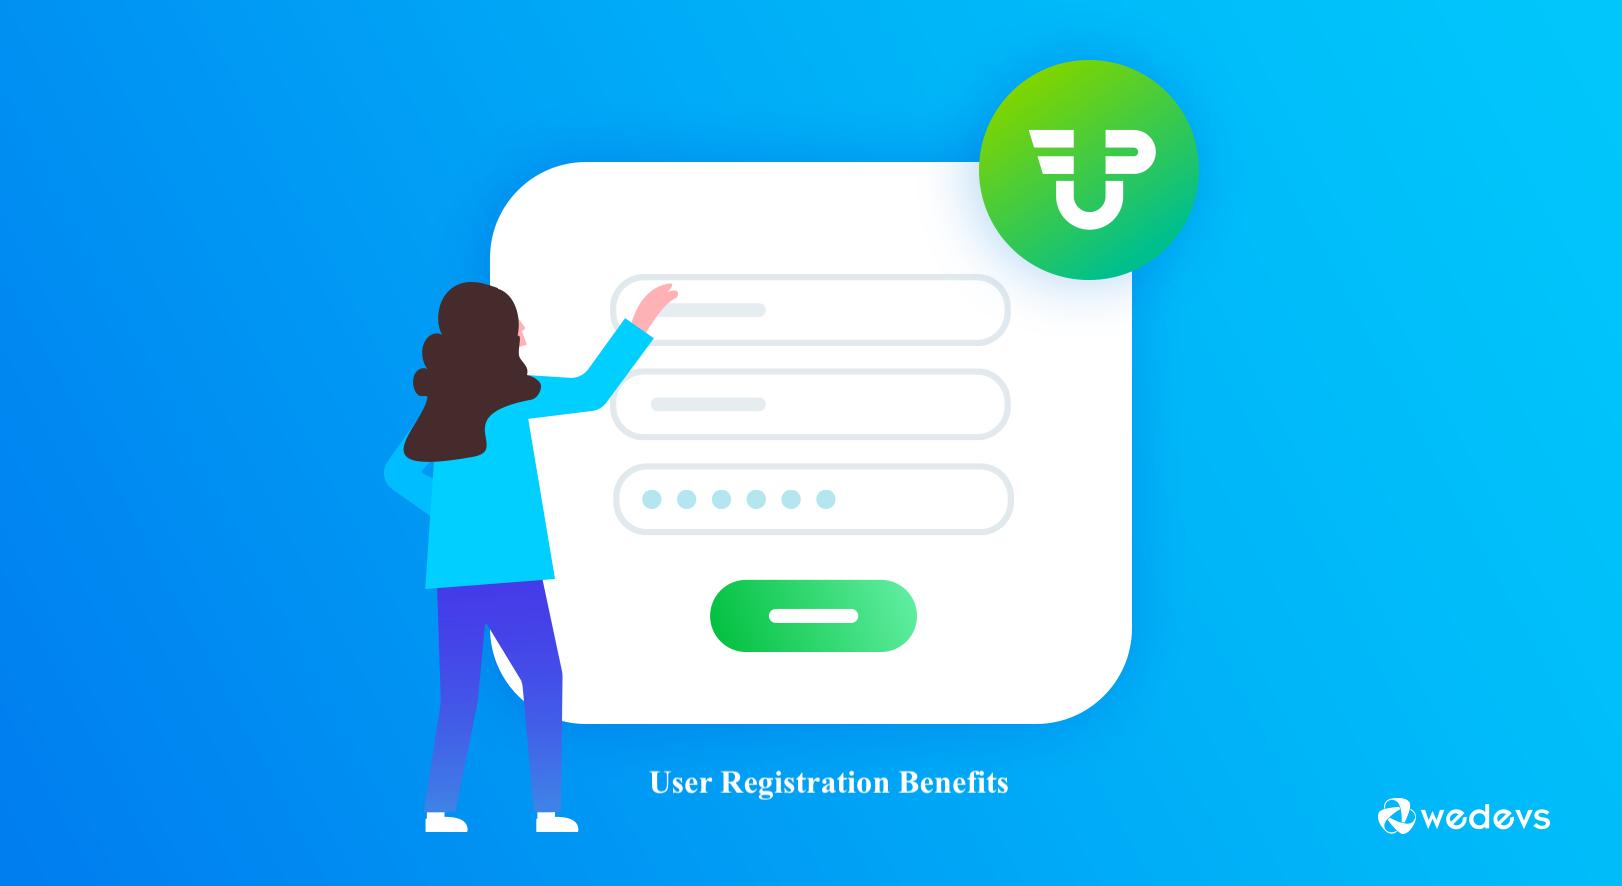 User Registration Benefits